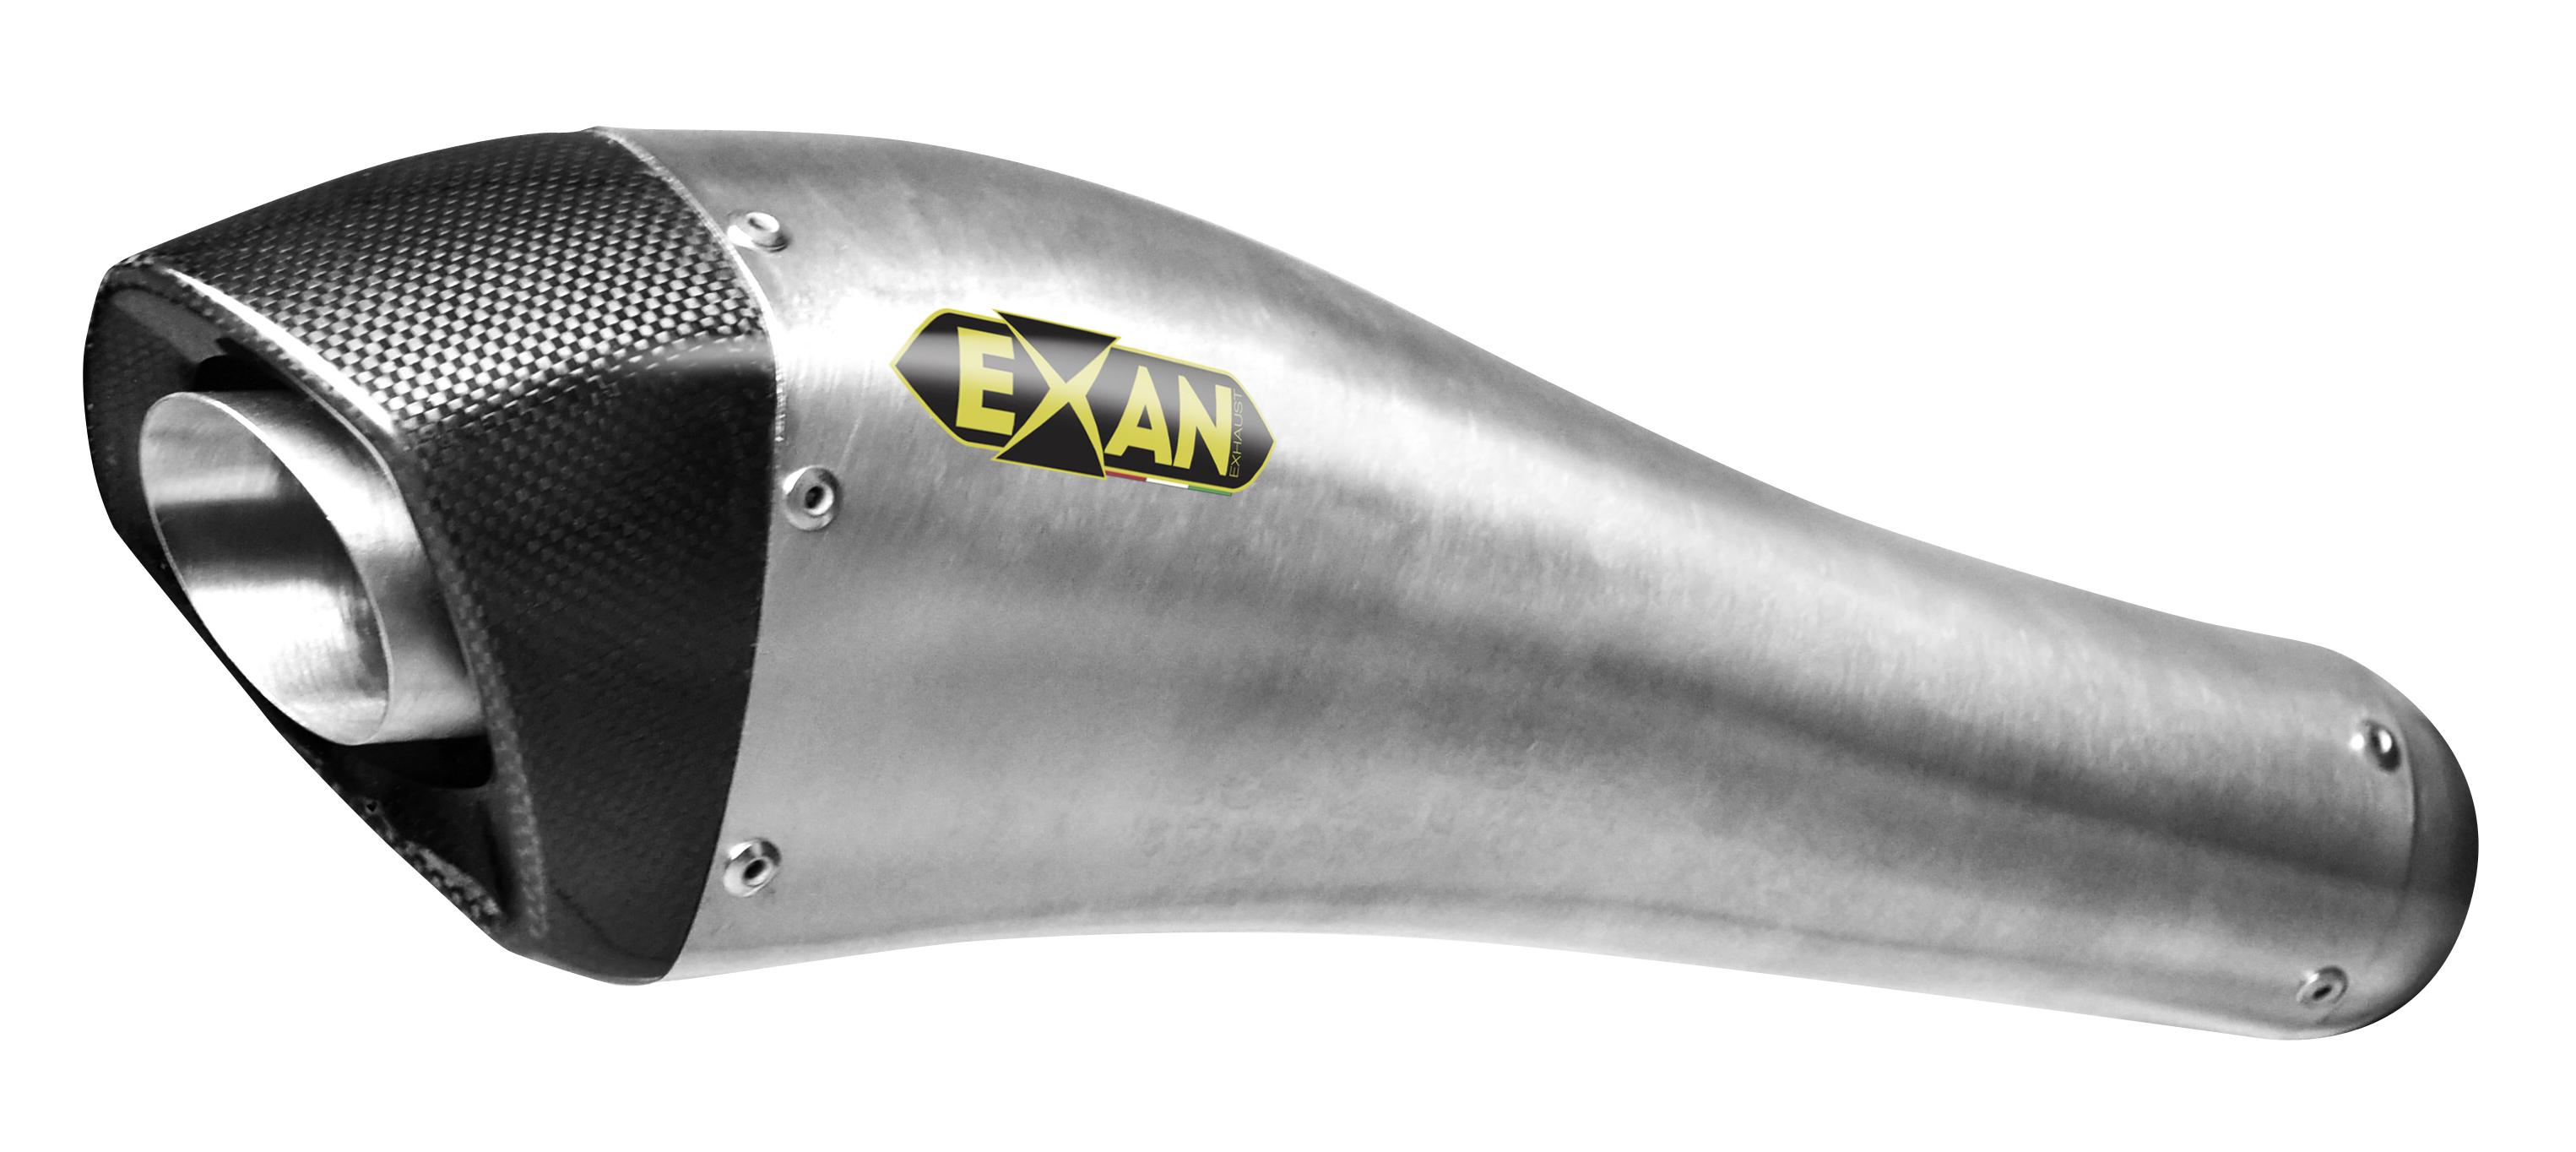 EXAN - X-Black-Evo (Inox)